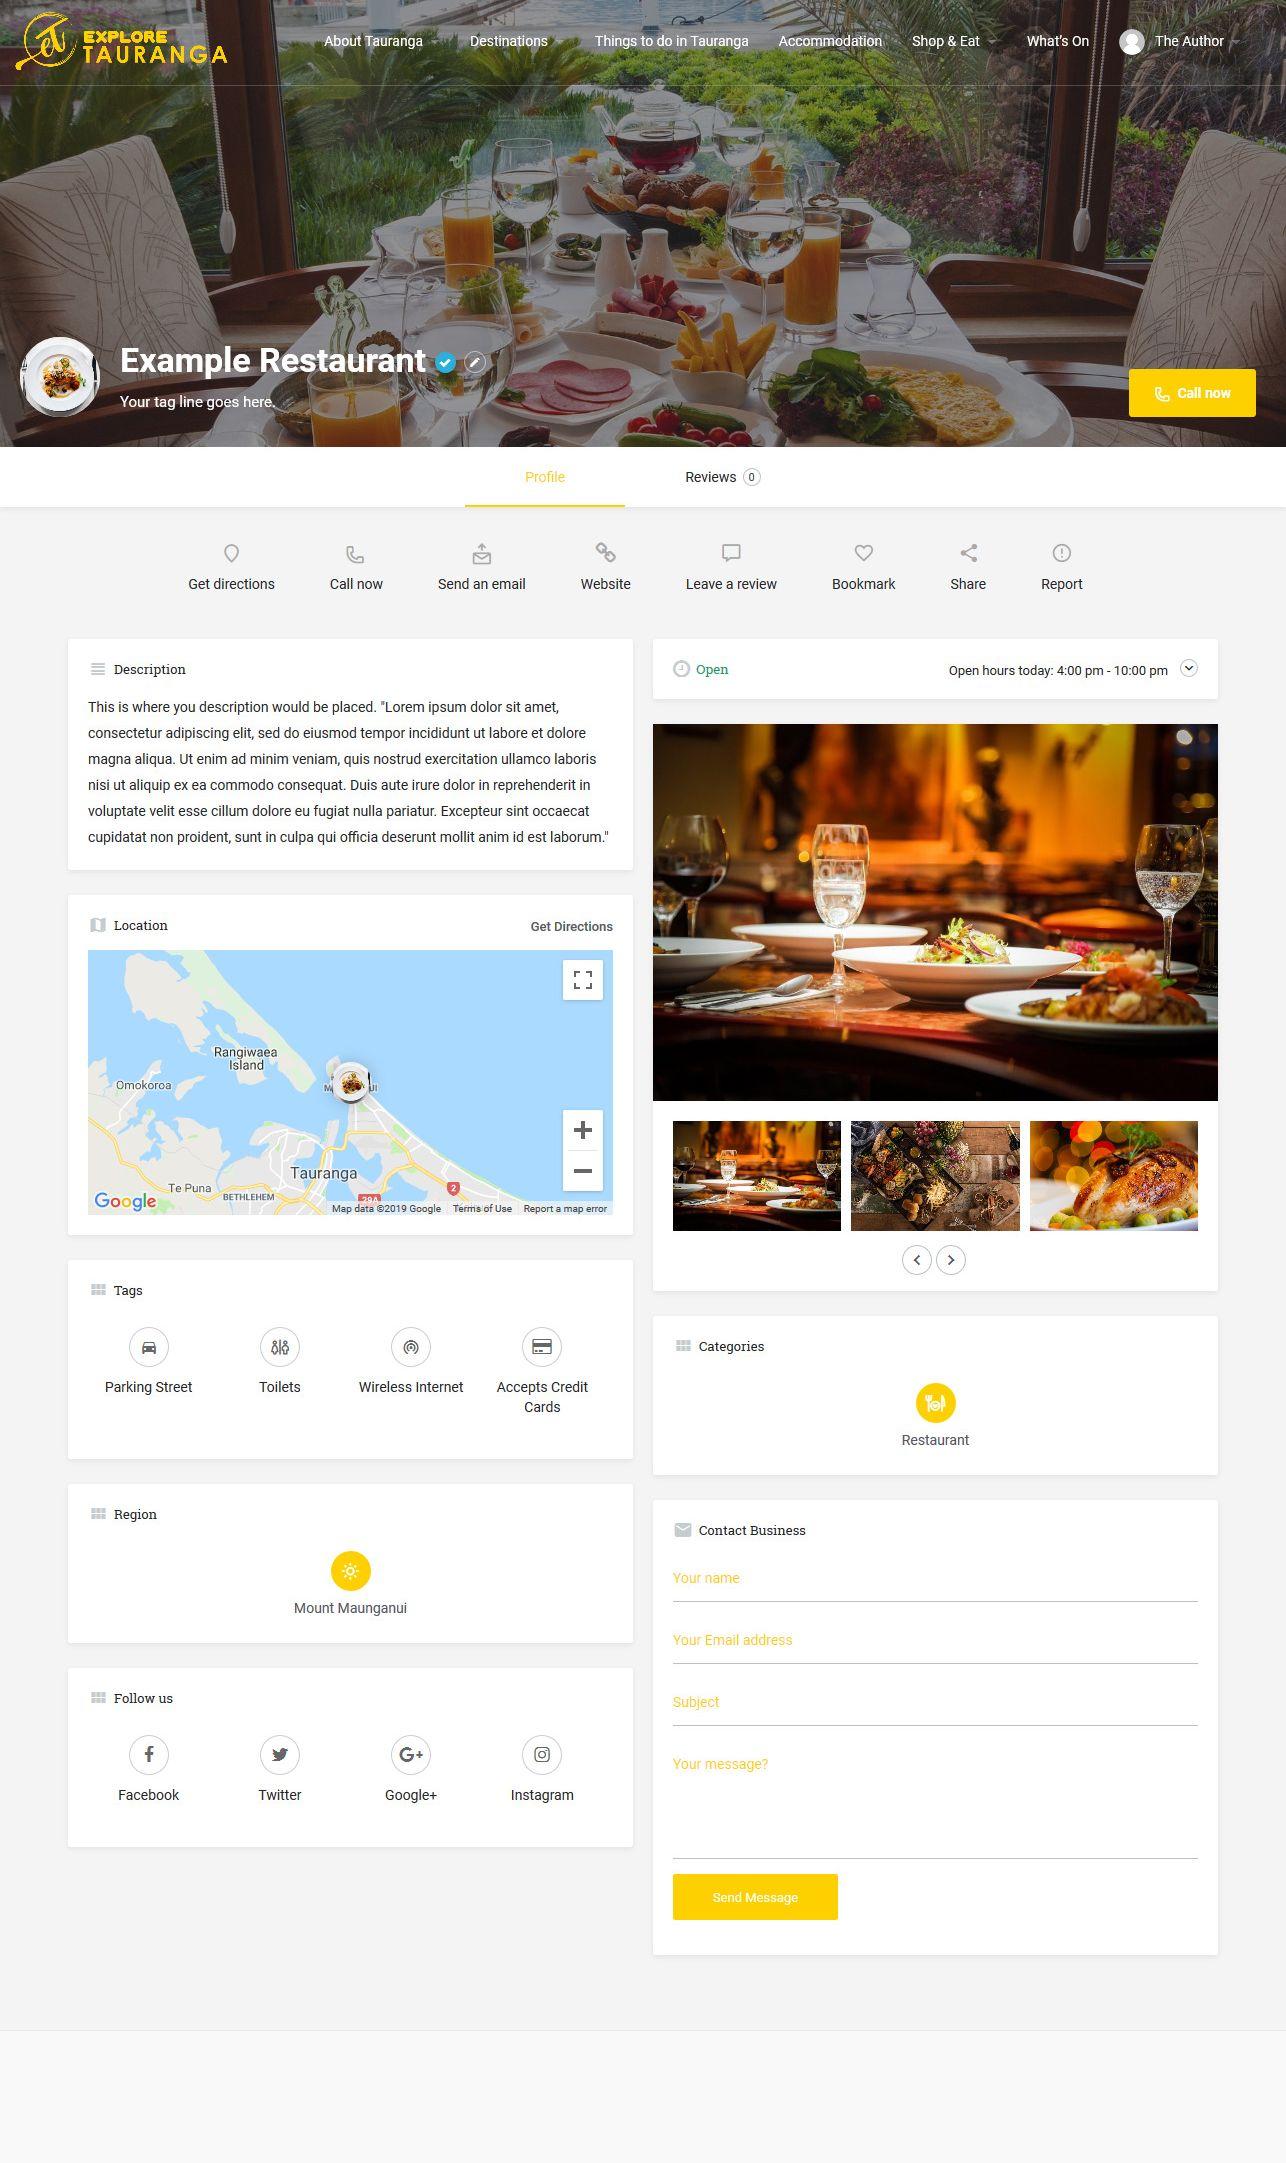 Explore Tauranga Listing Feature